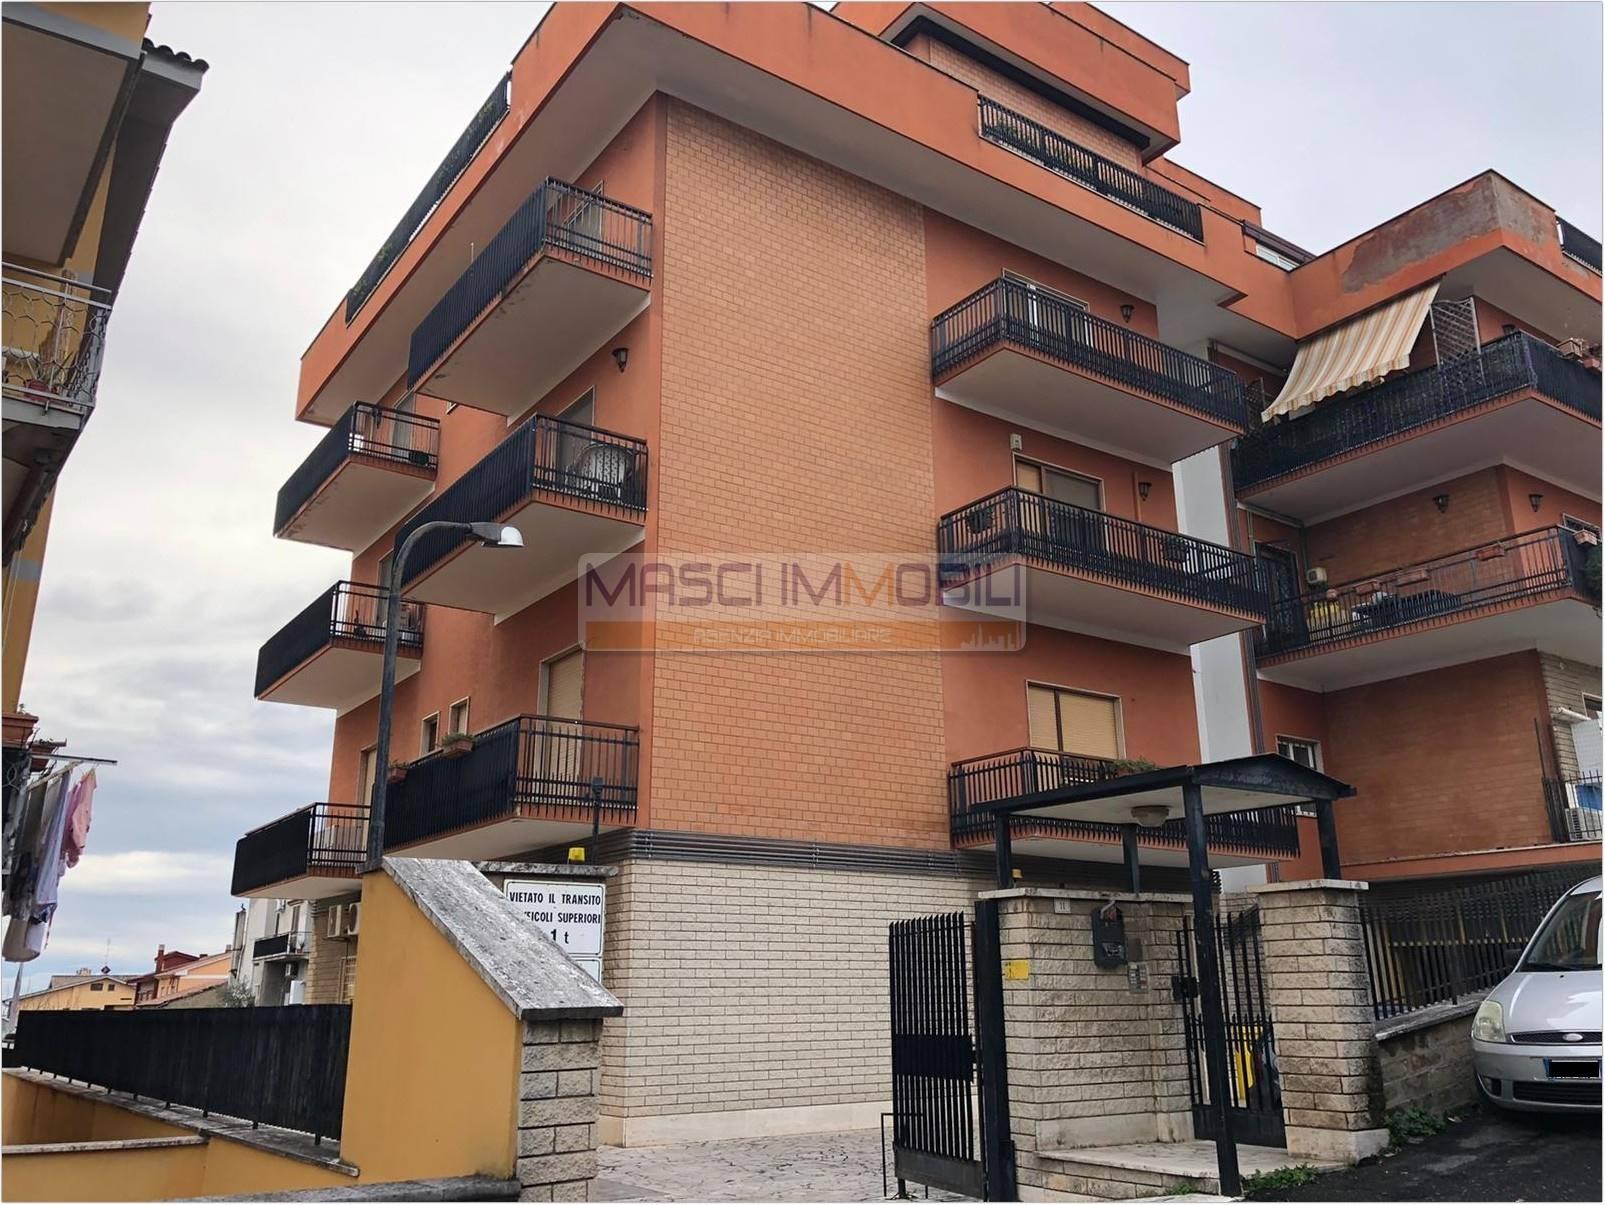 Appartamento in vendita a Riano, 3 locali, zona Zona: La Rosta, prezzo € 109.000 | CambioCasa.it